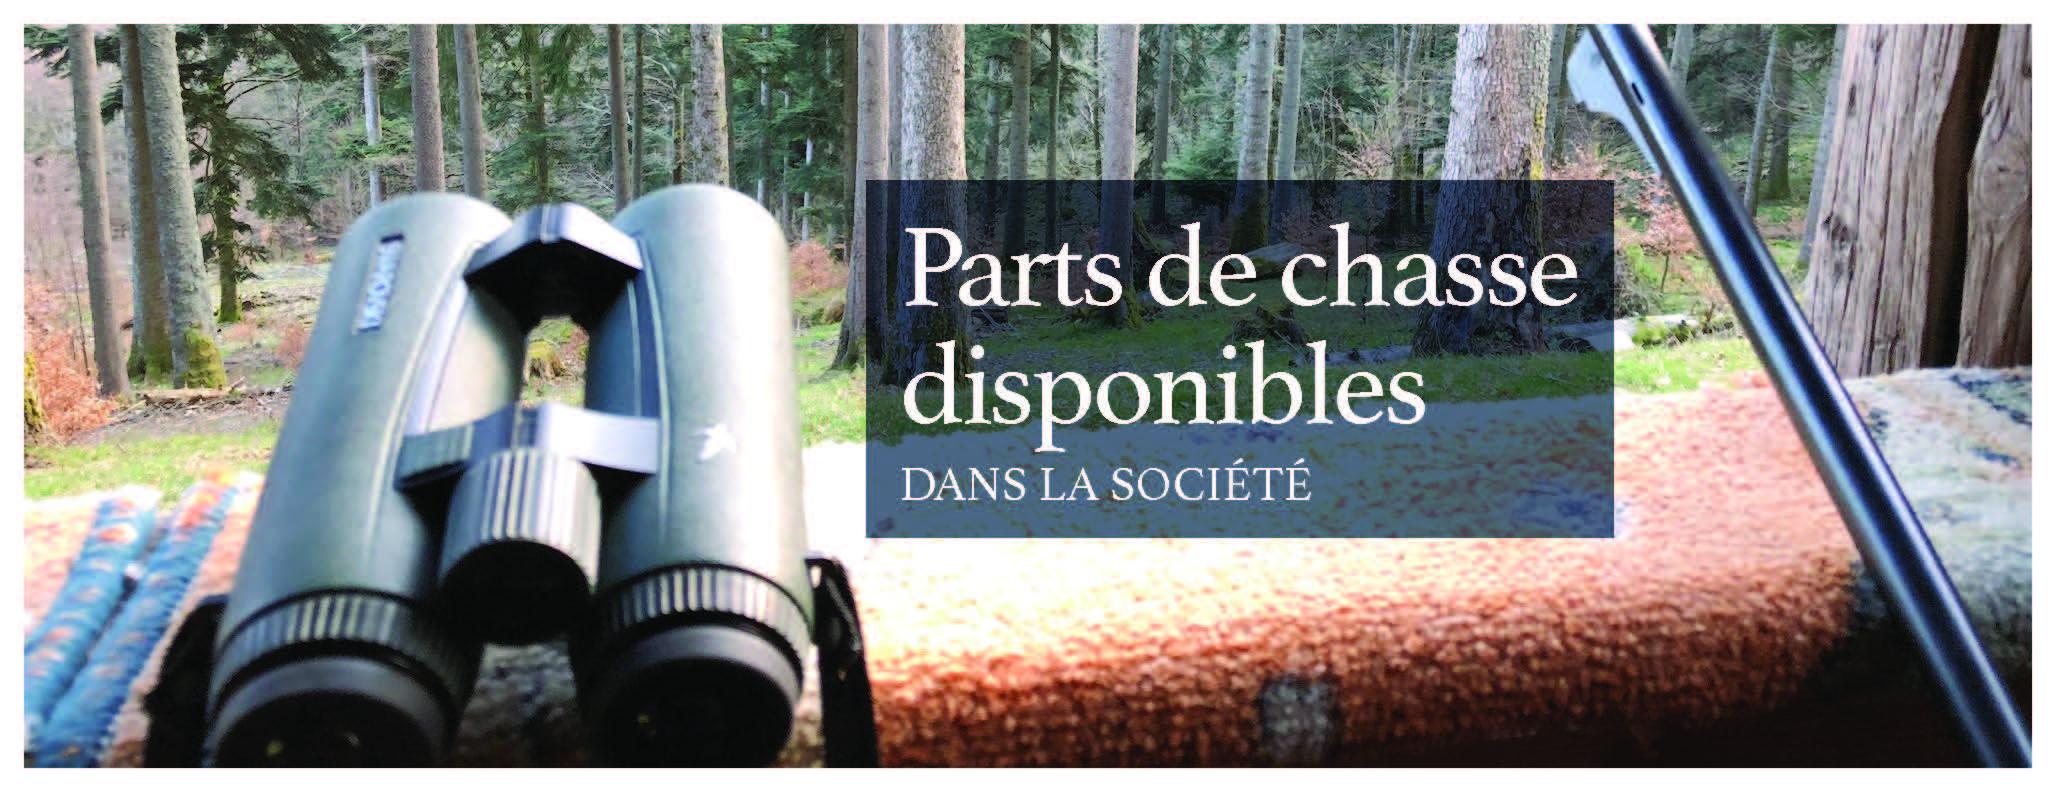 Relais de chasse _Fels_Saint-Amarin 2_Page_16